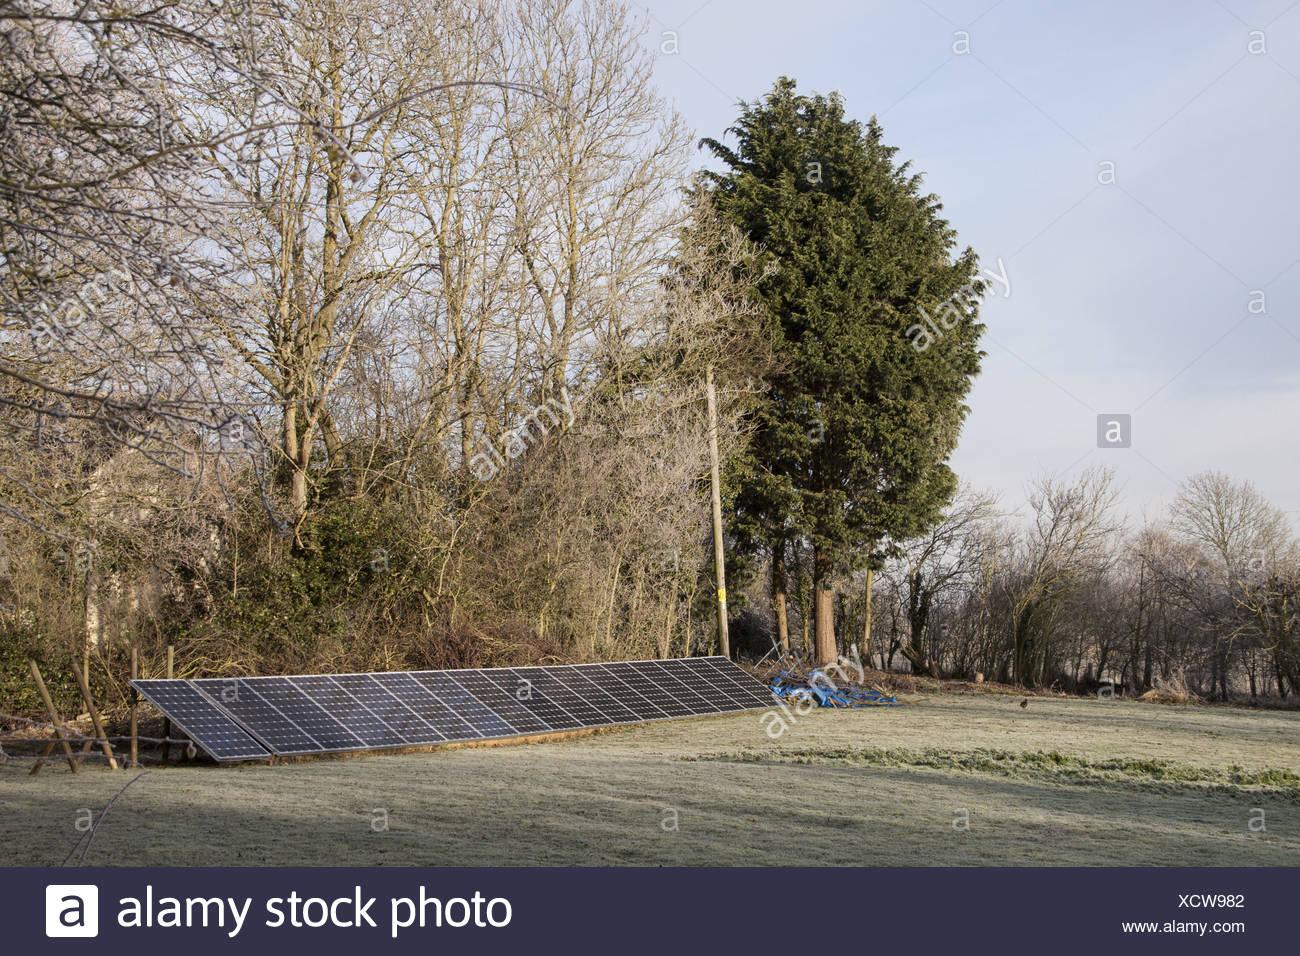 Ground mounted solar panels - Stock Image